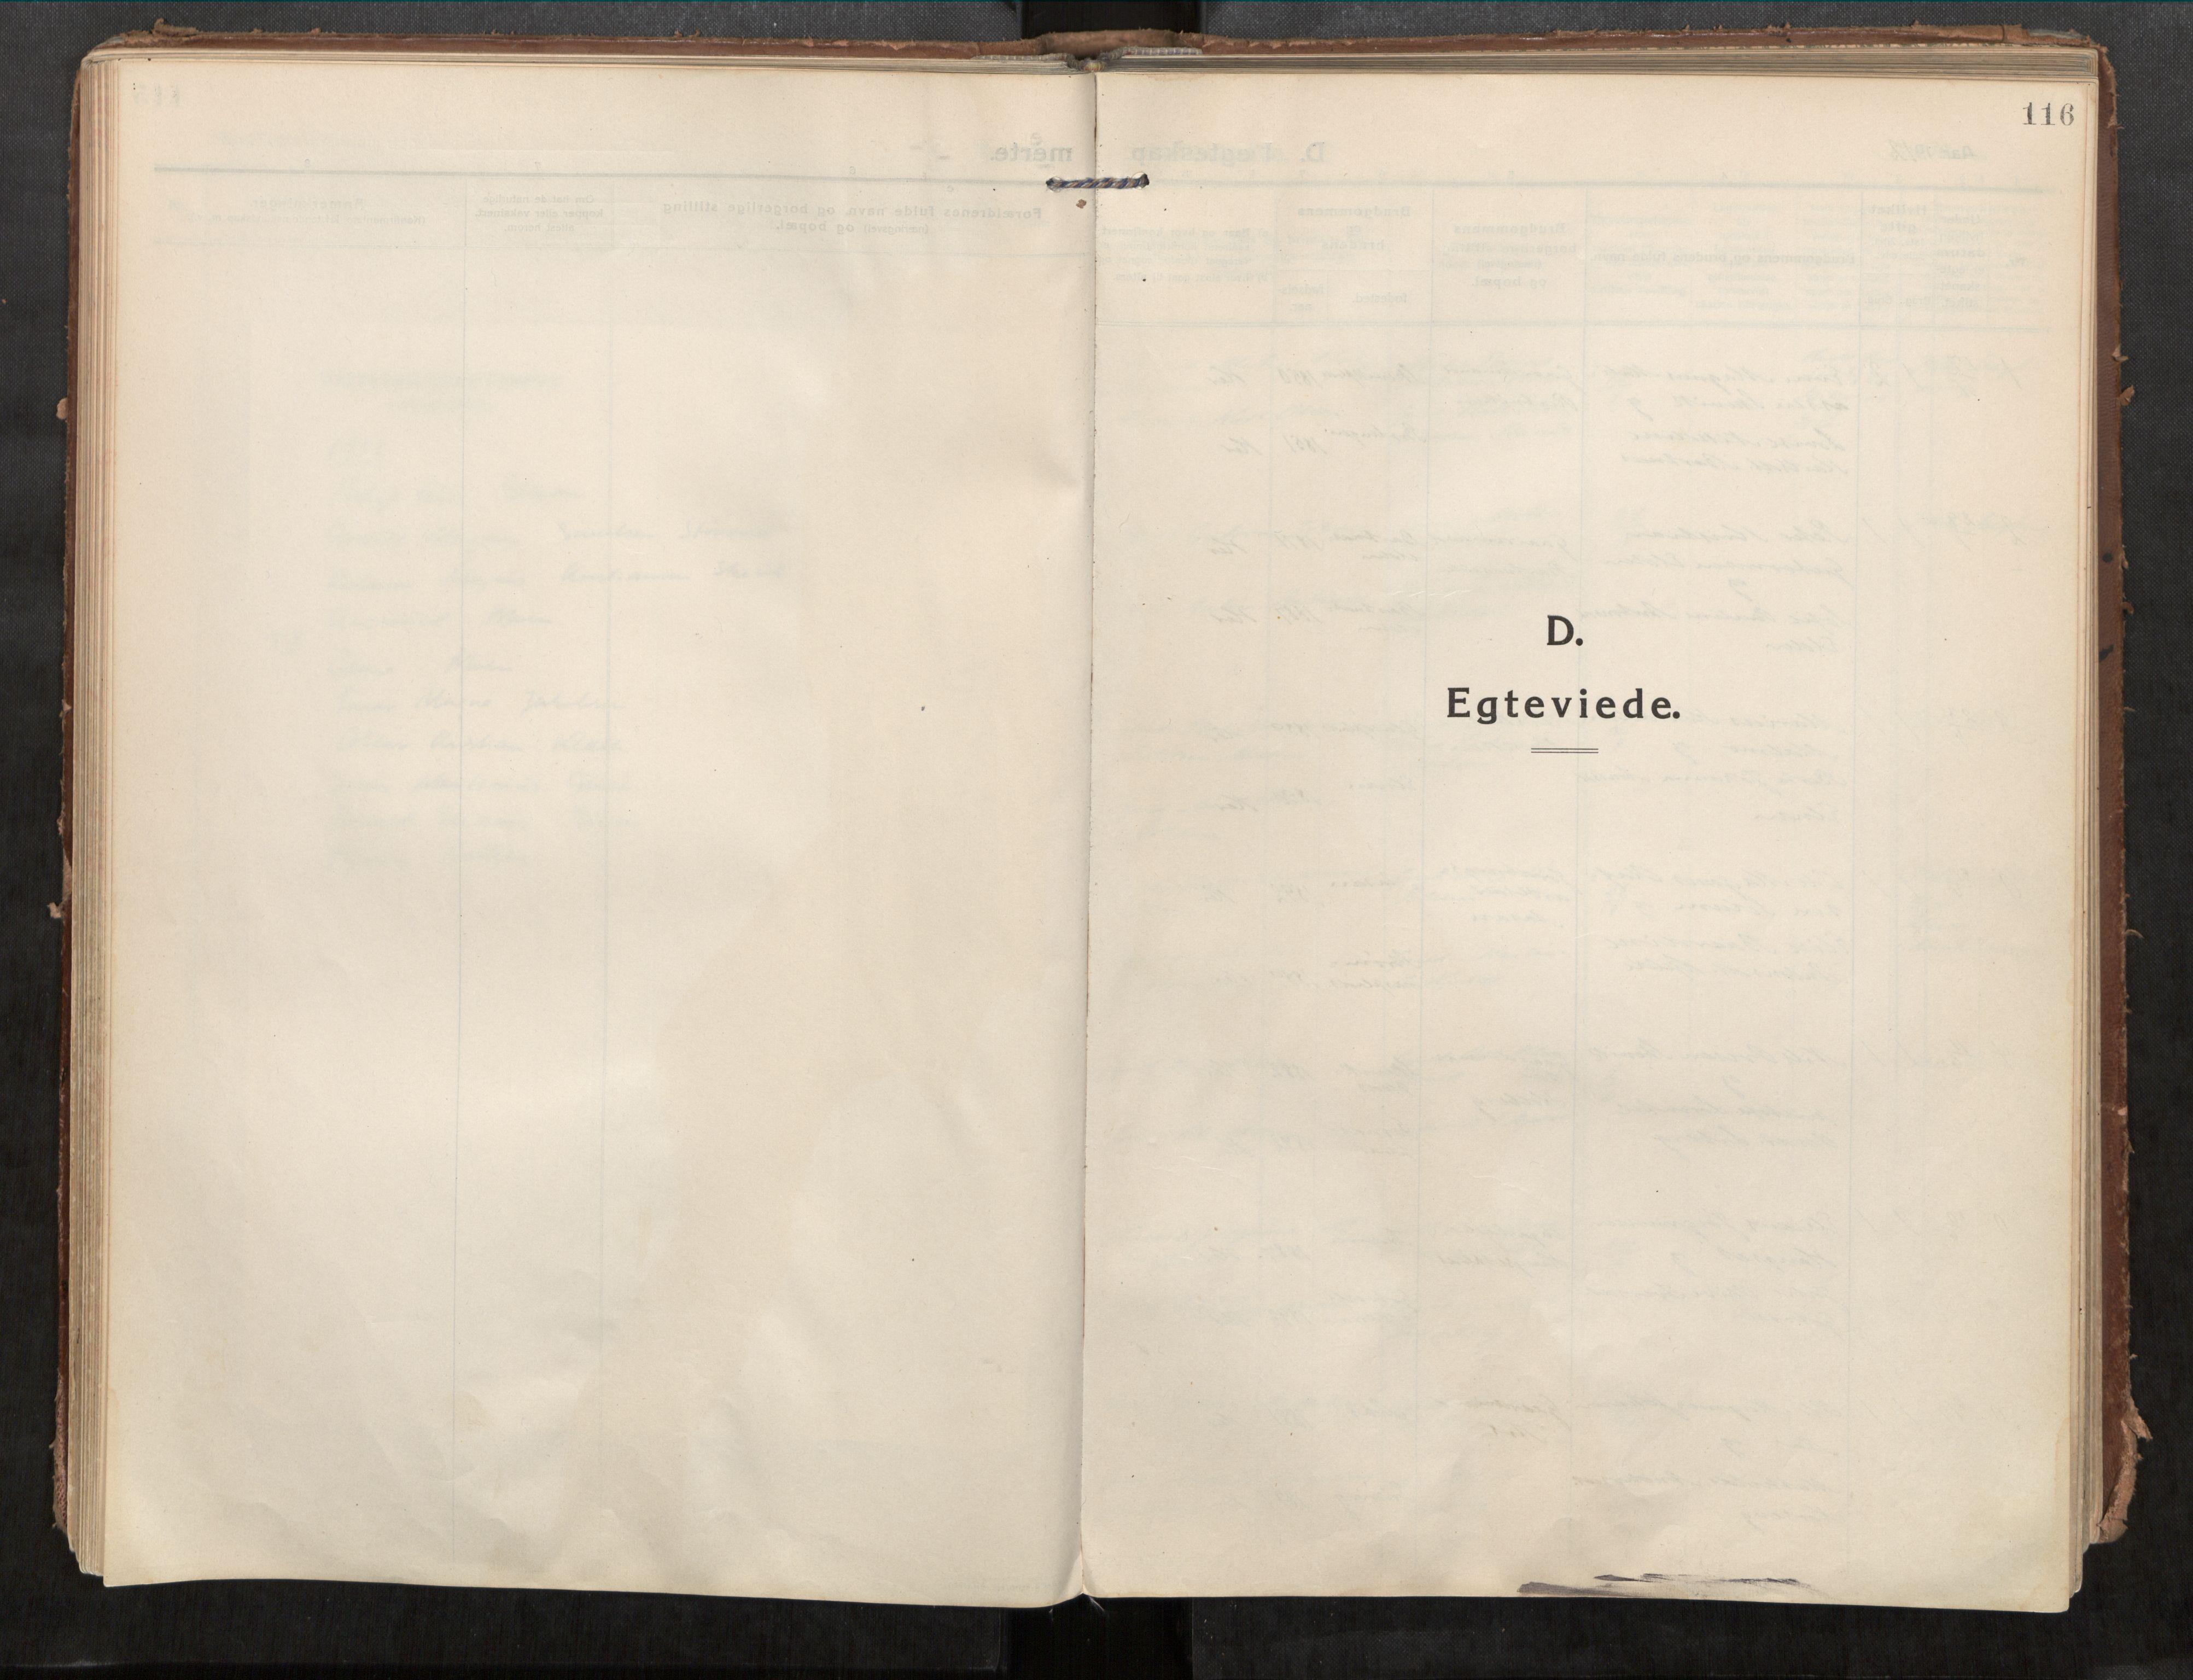 SAT, Beitstad sokneprestkontor, I/I1/I1a/L0001: Parish register (official) no. 1, 1912-1927, p. 116